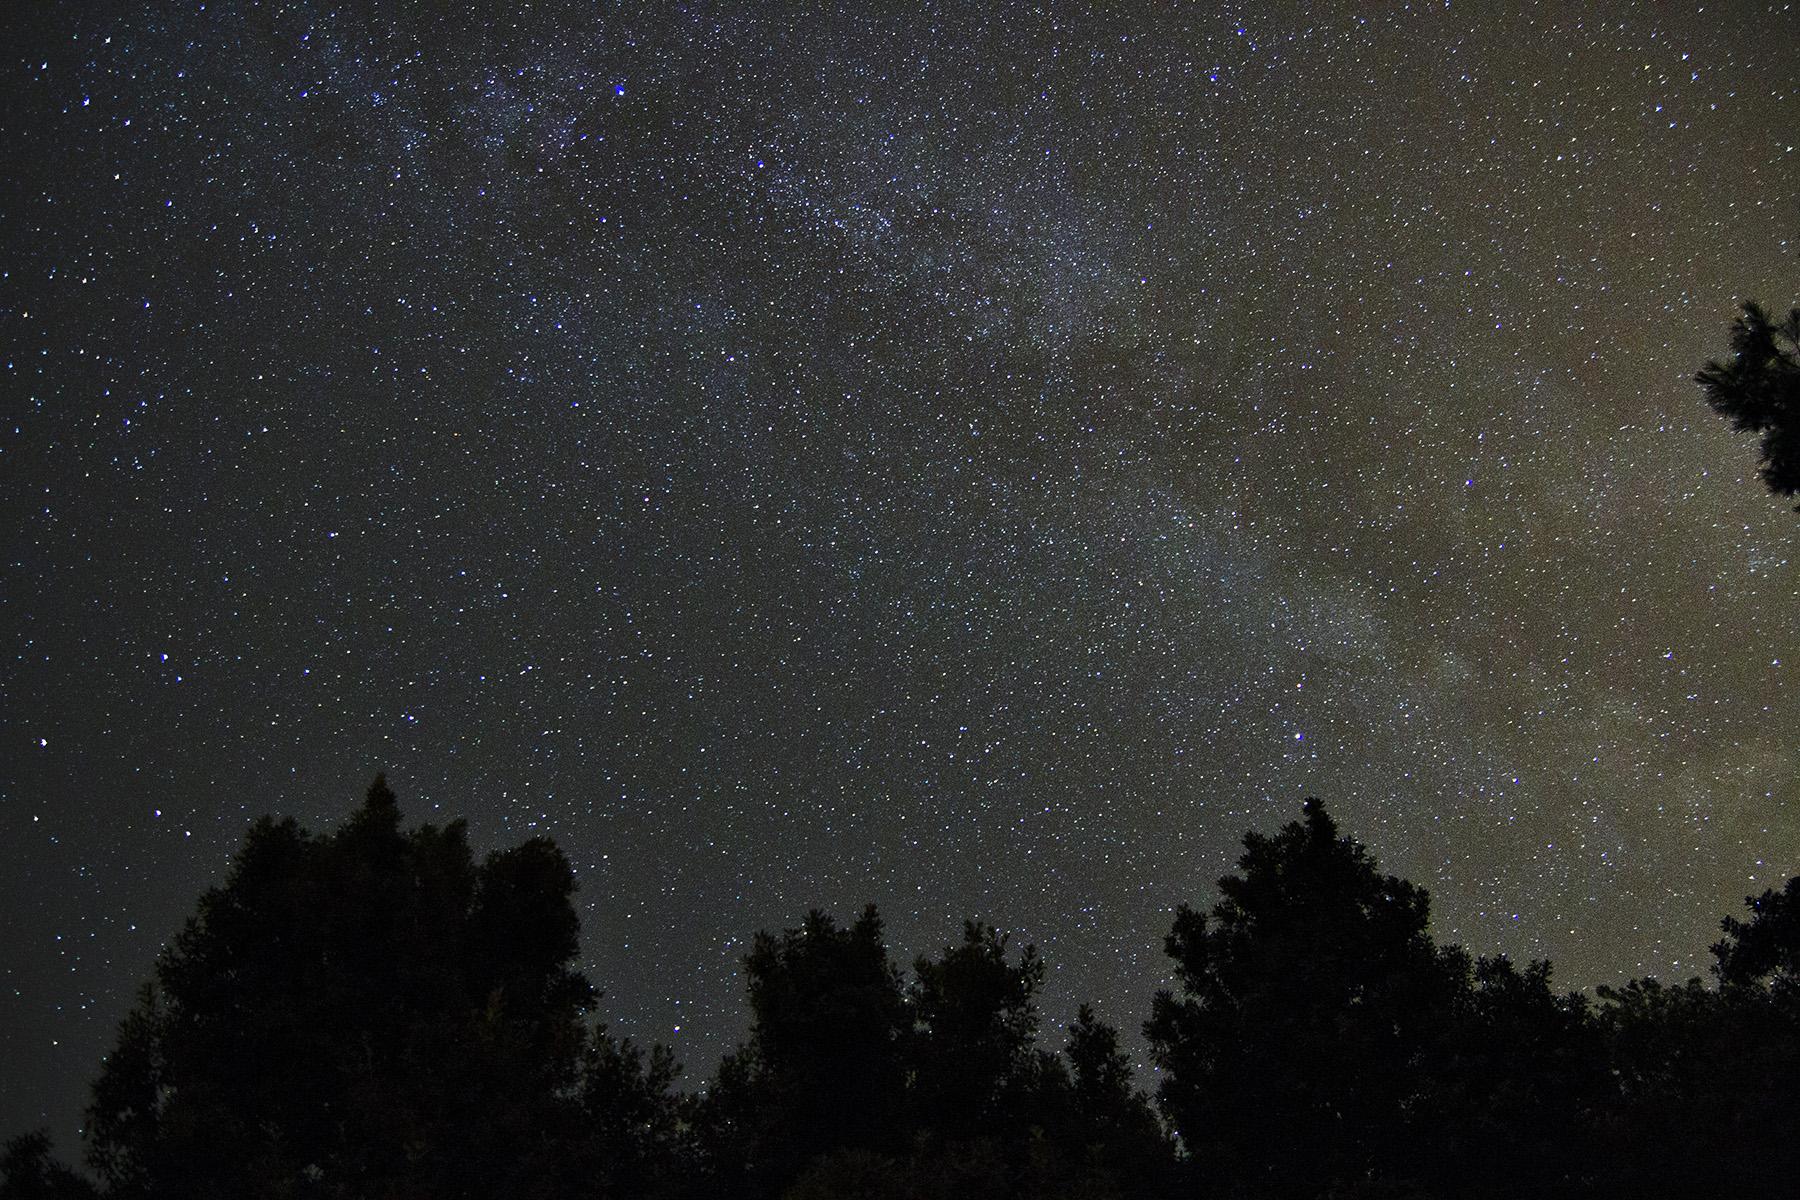 Via làctea 5